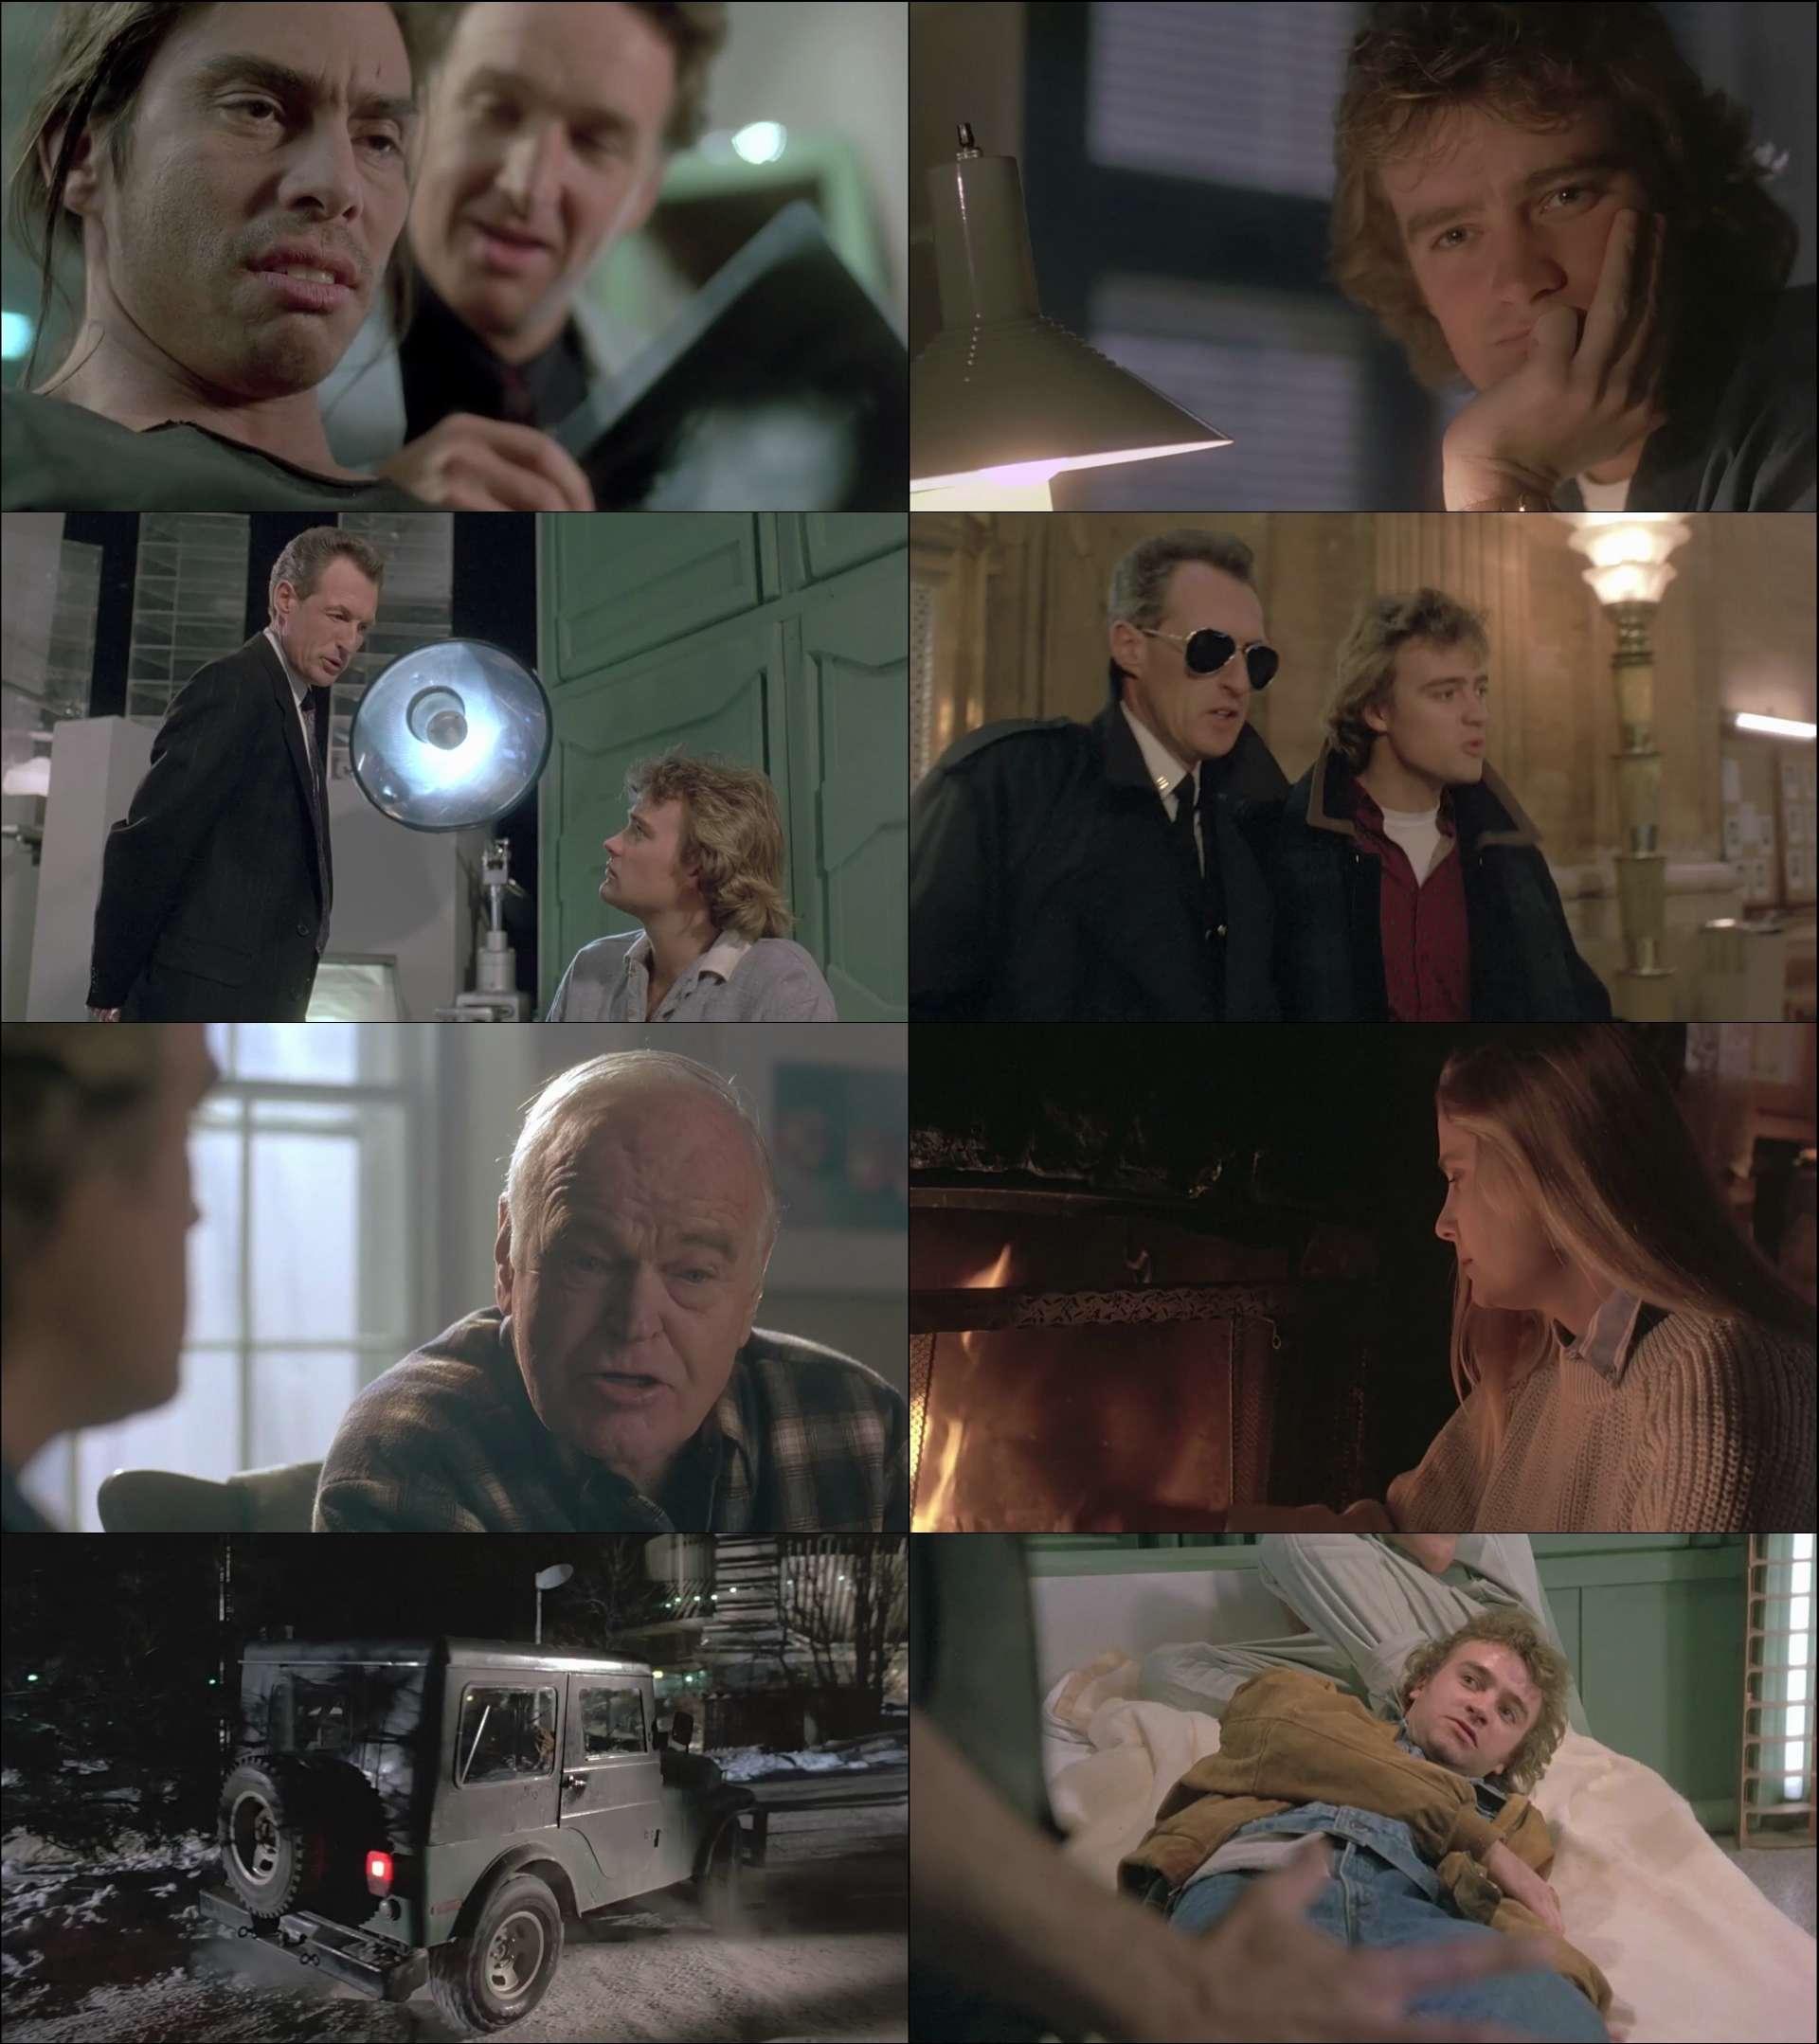 Tarayıcılar 2 - Scanners II: The New Order (1991) türkçe dublaj film indir